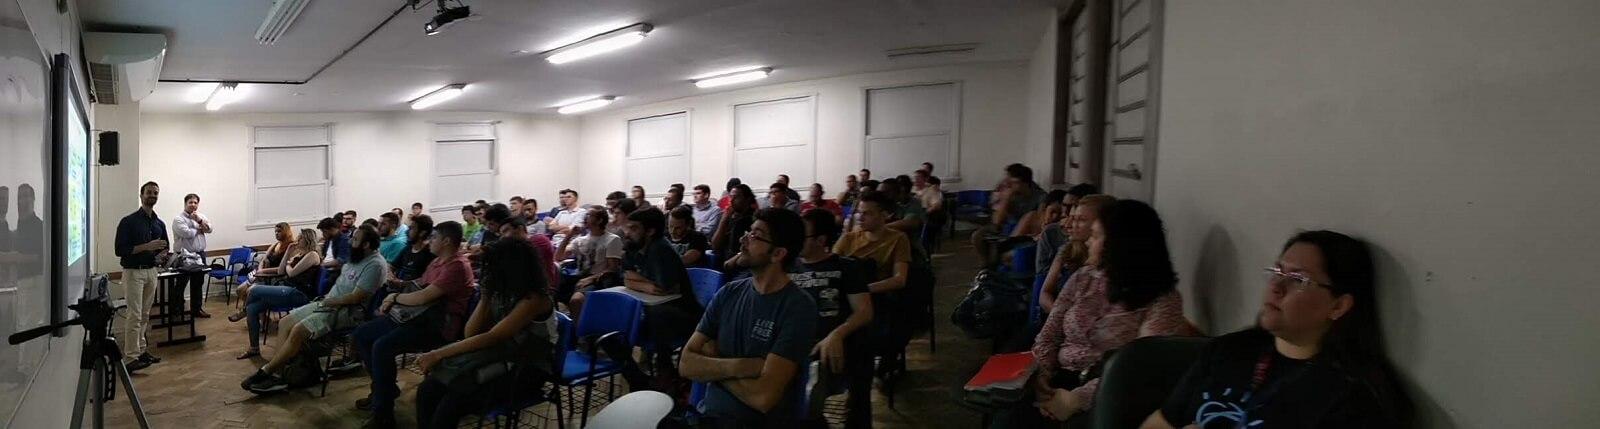 Contamos com as participações de aproximadamente 100 estudantes, professores e convidados, que lotaram a sala do evento.